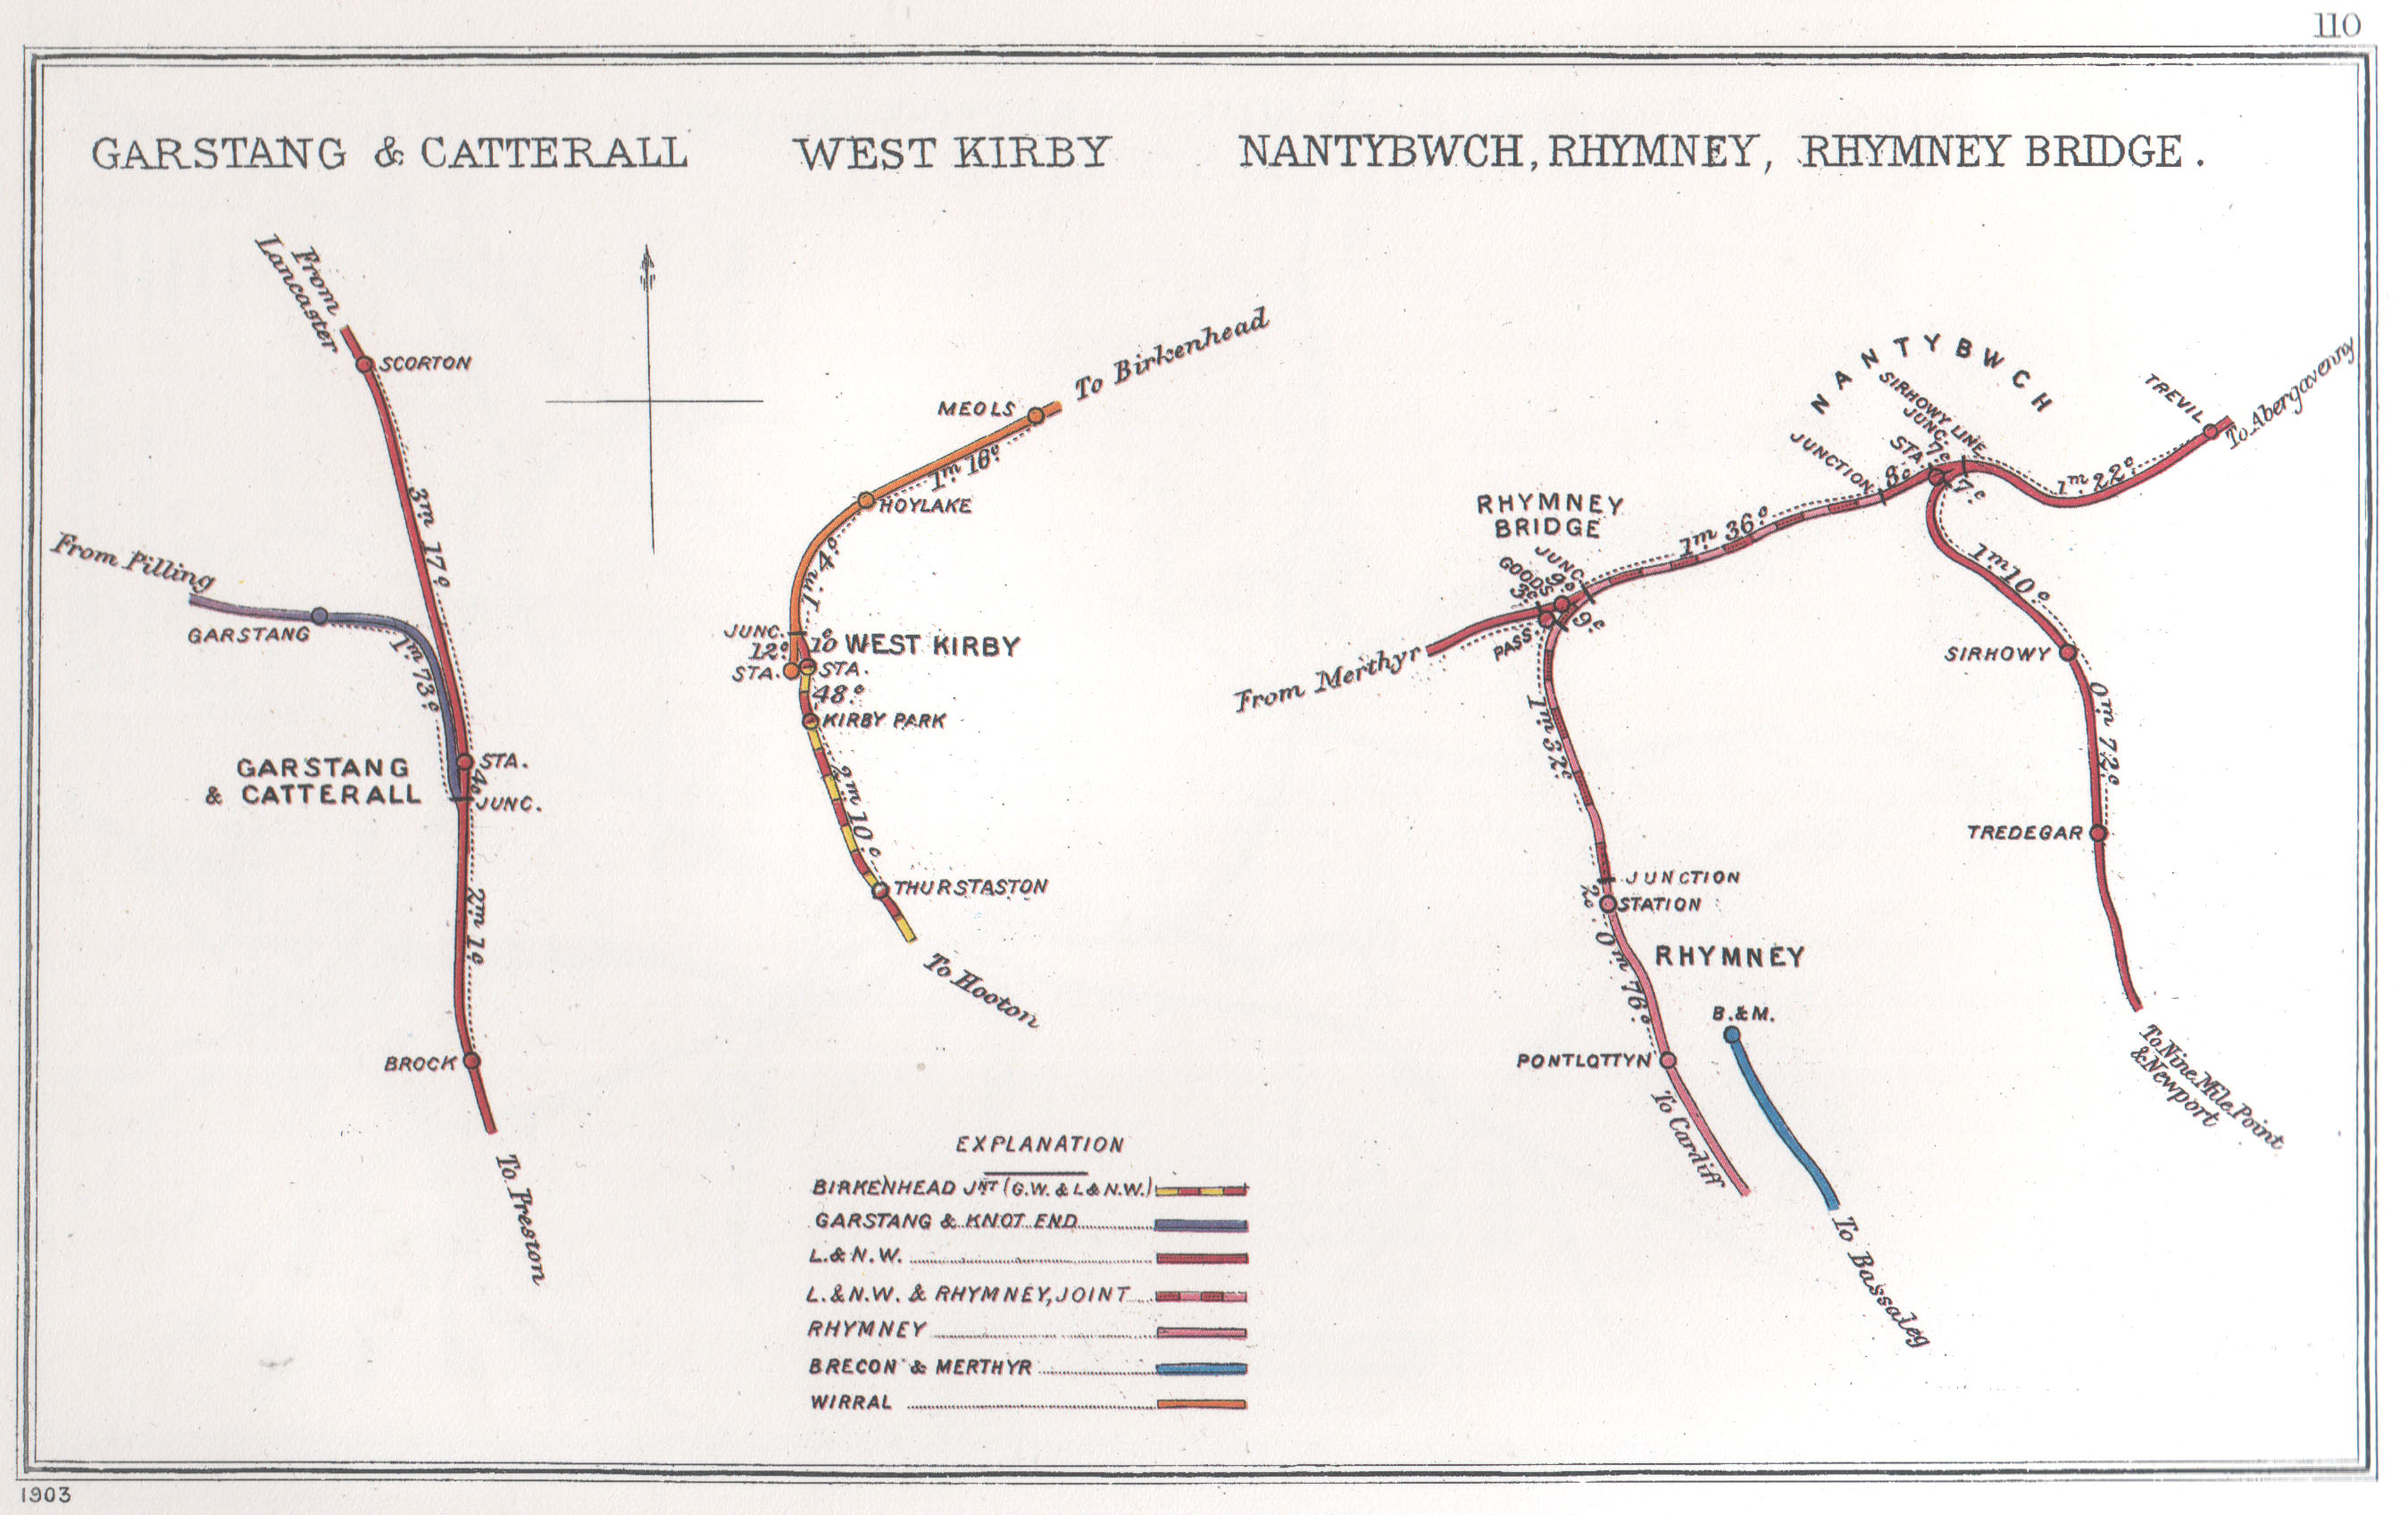 West Kirby Railway Station